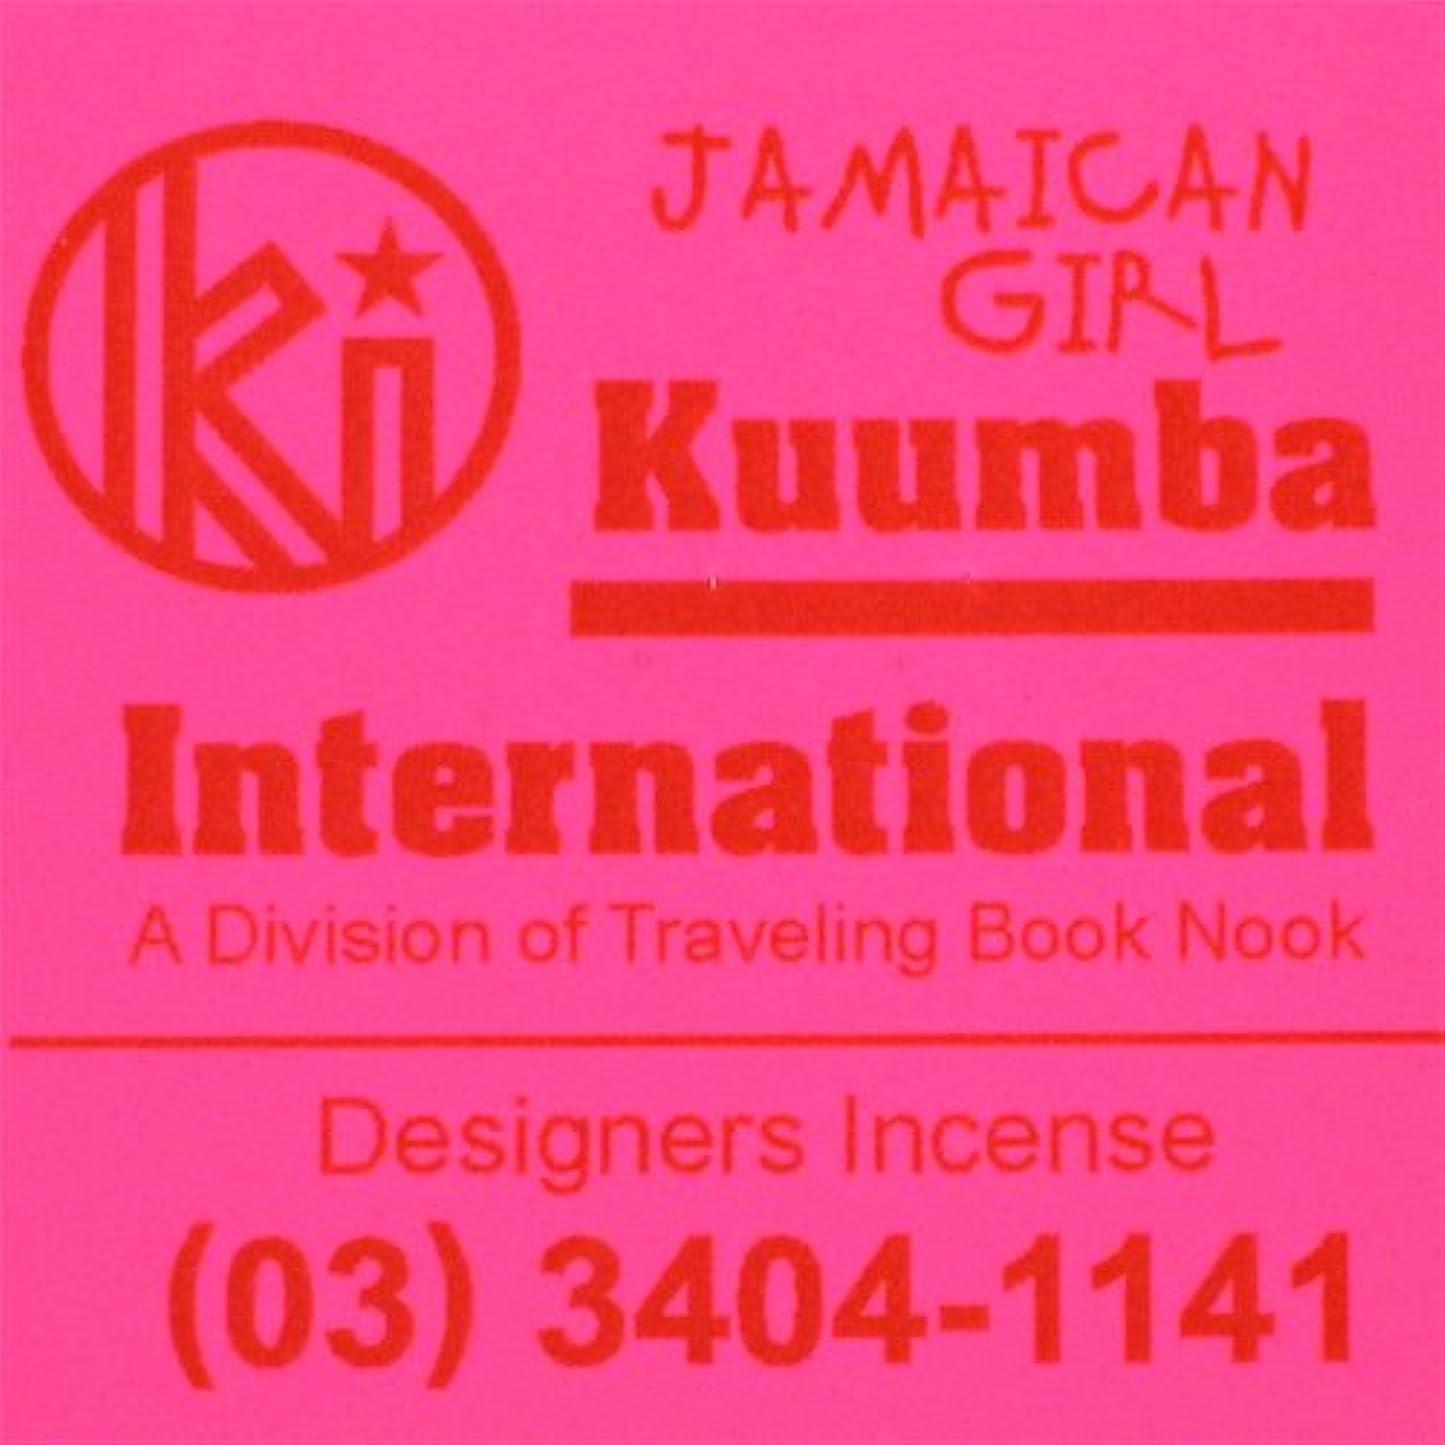 付き添い人のどゼロKUUMBA / クンバ『incense』(JAMAICAN GIRL) (Regular size)